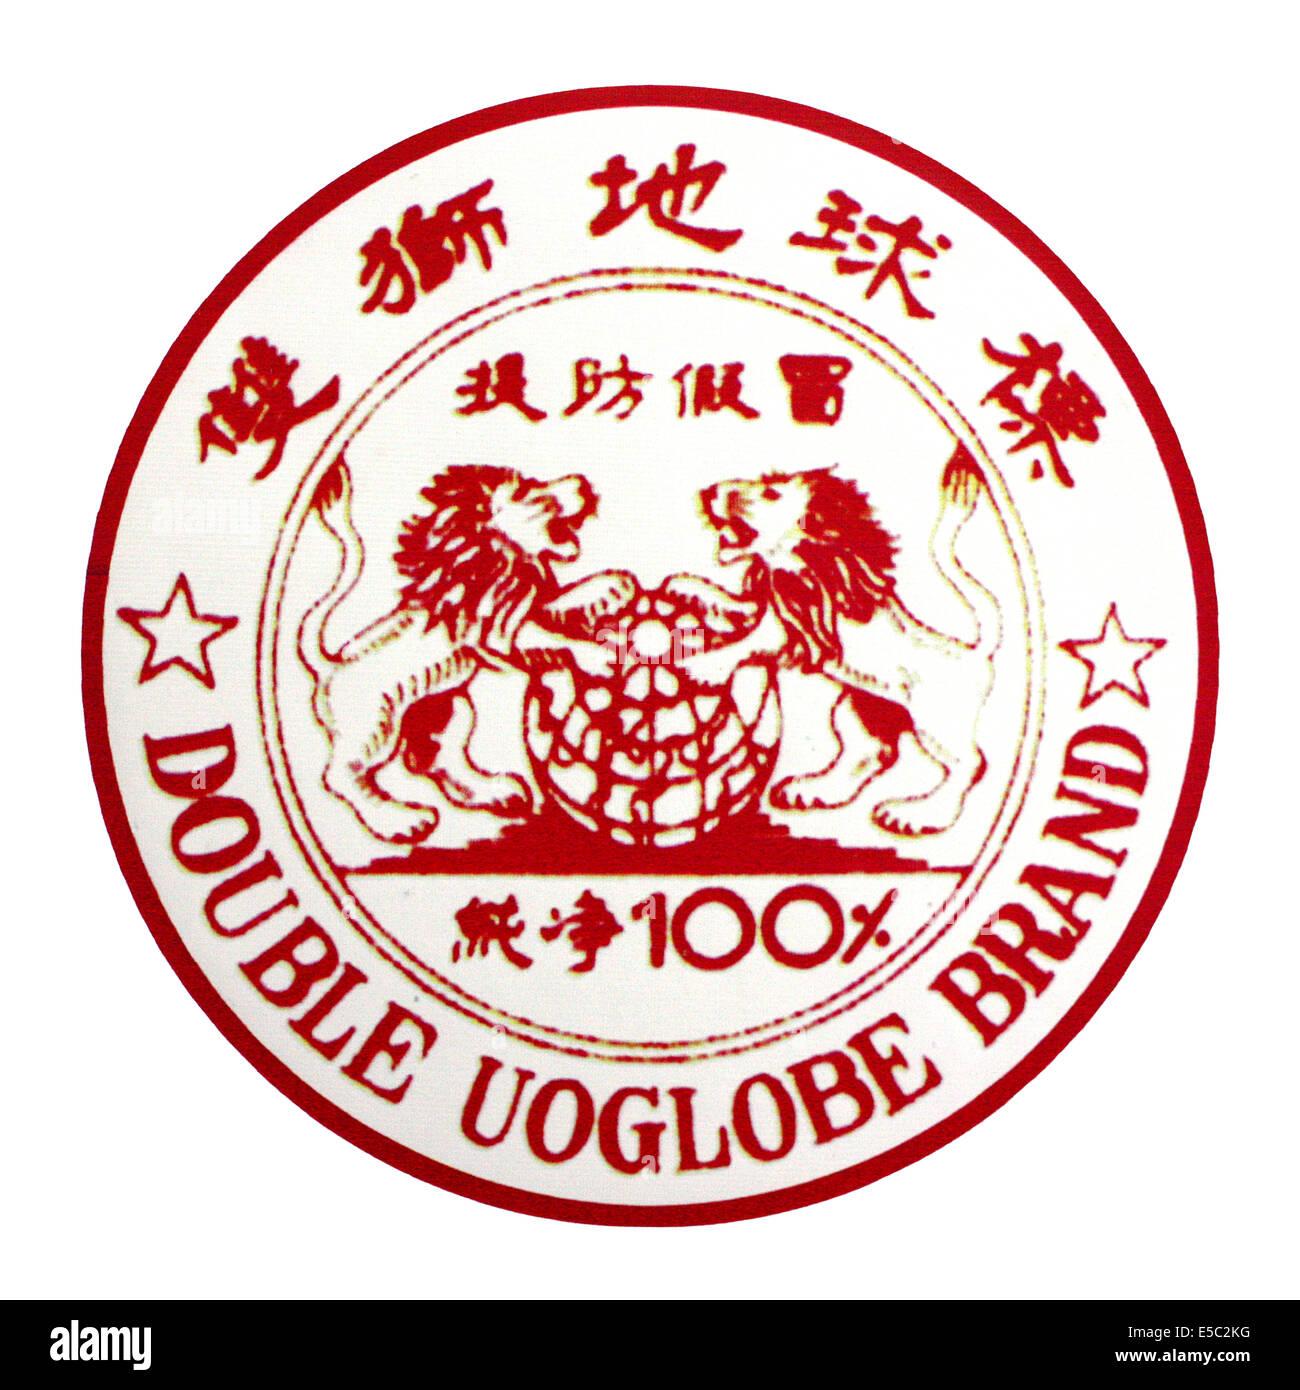 Il famigerato eroina brand 'Double UO Globo' originato in Laos. Eroina #4 grado, noto come 'China White', Immagini Stock